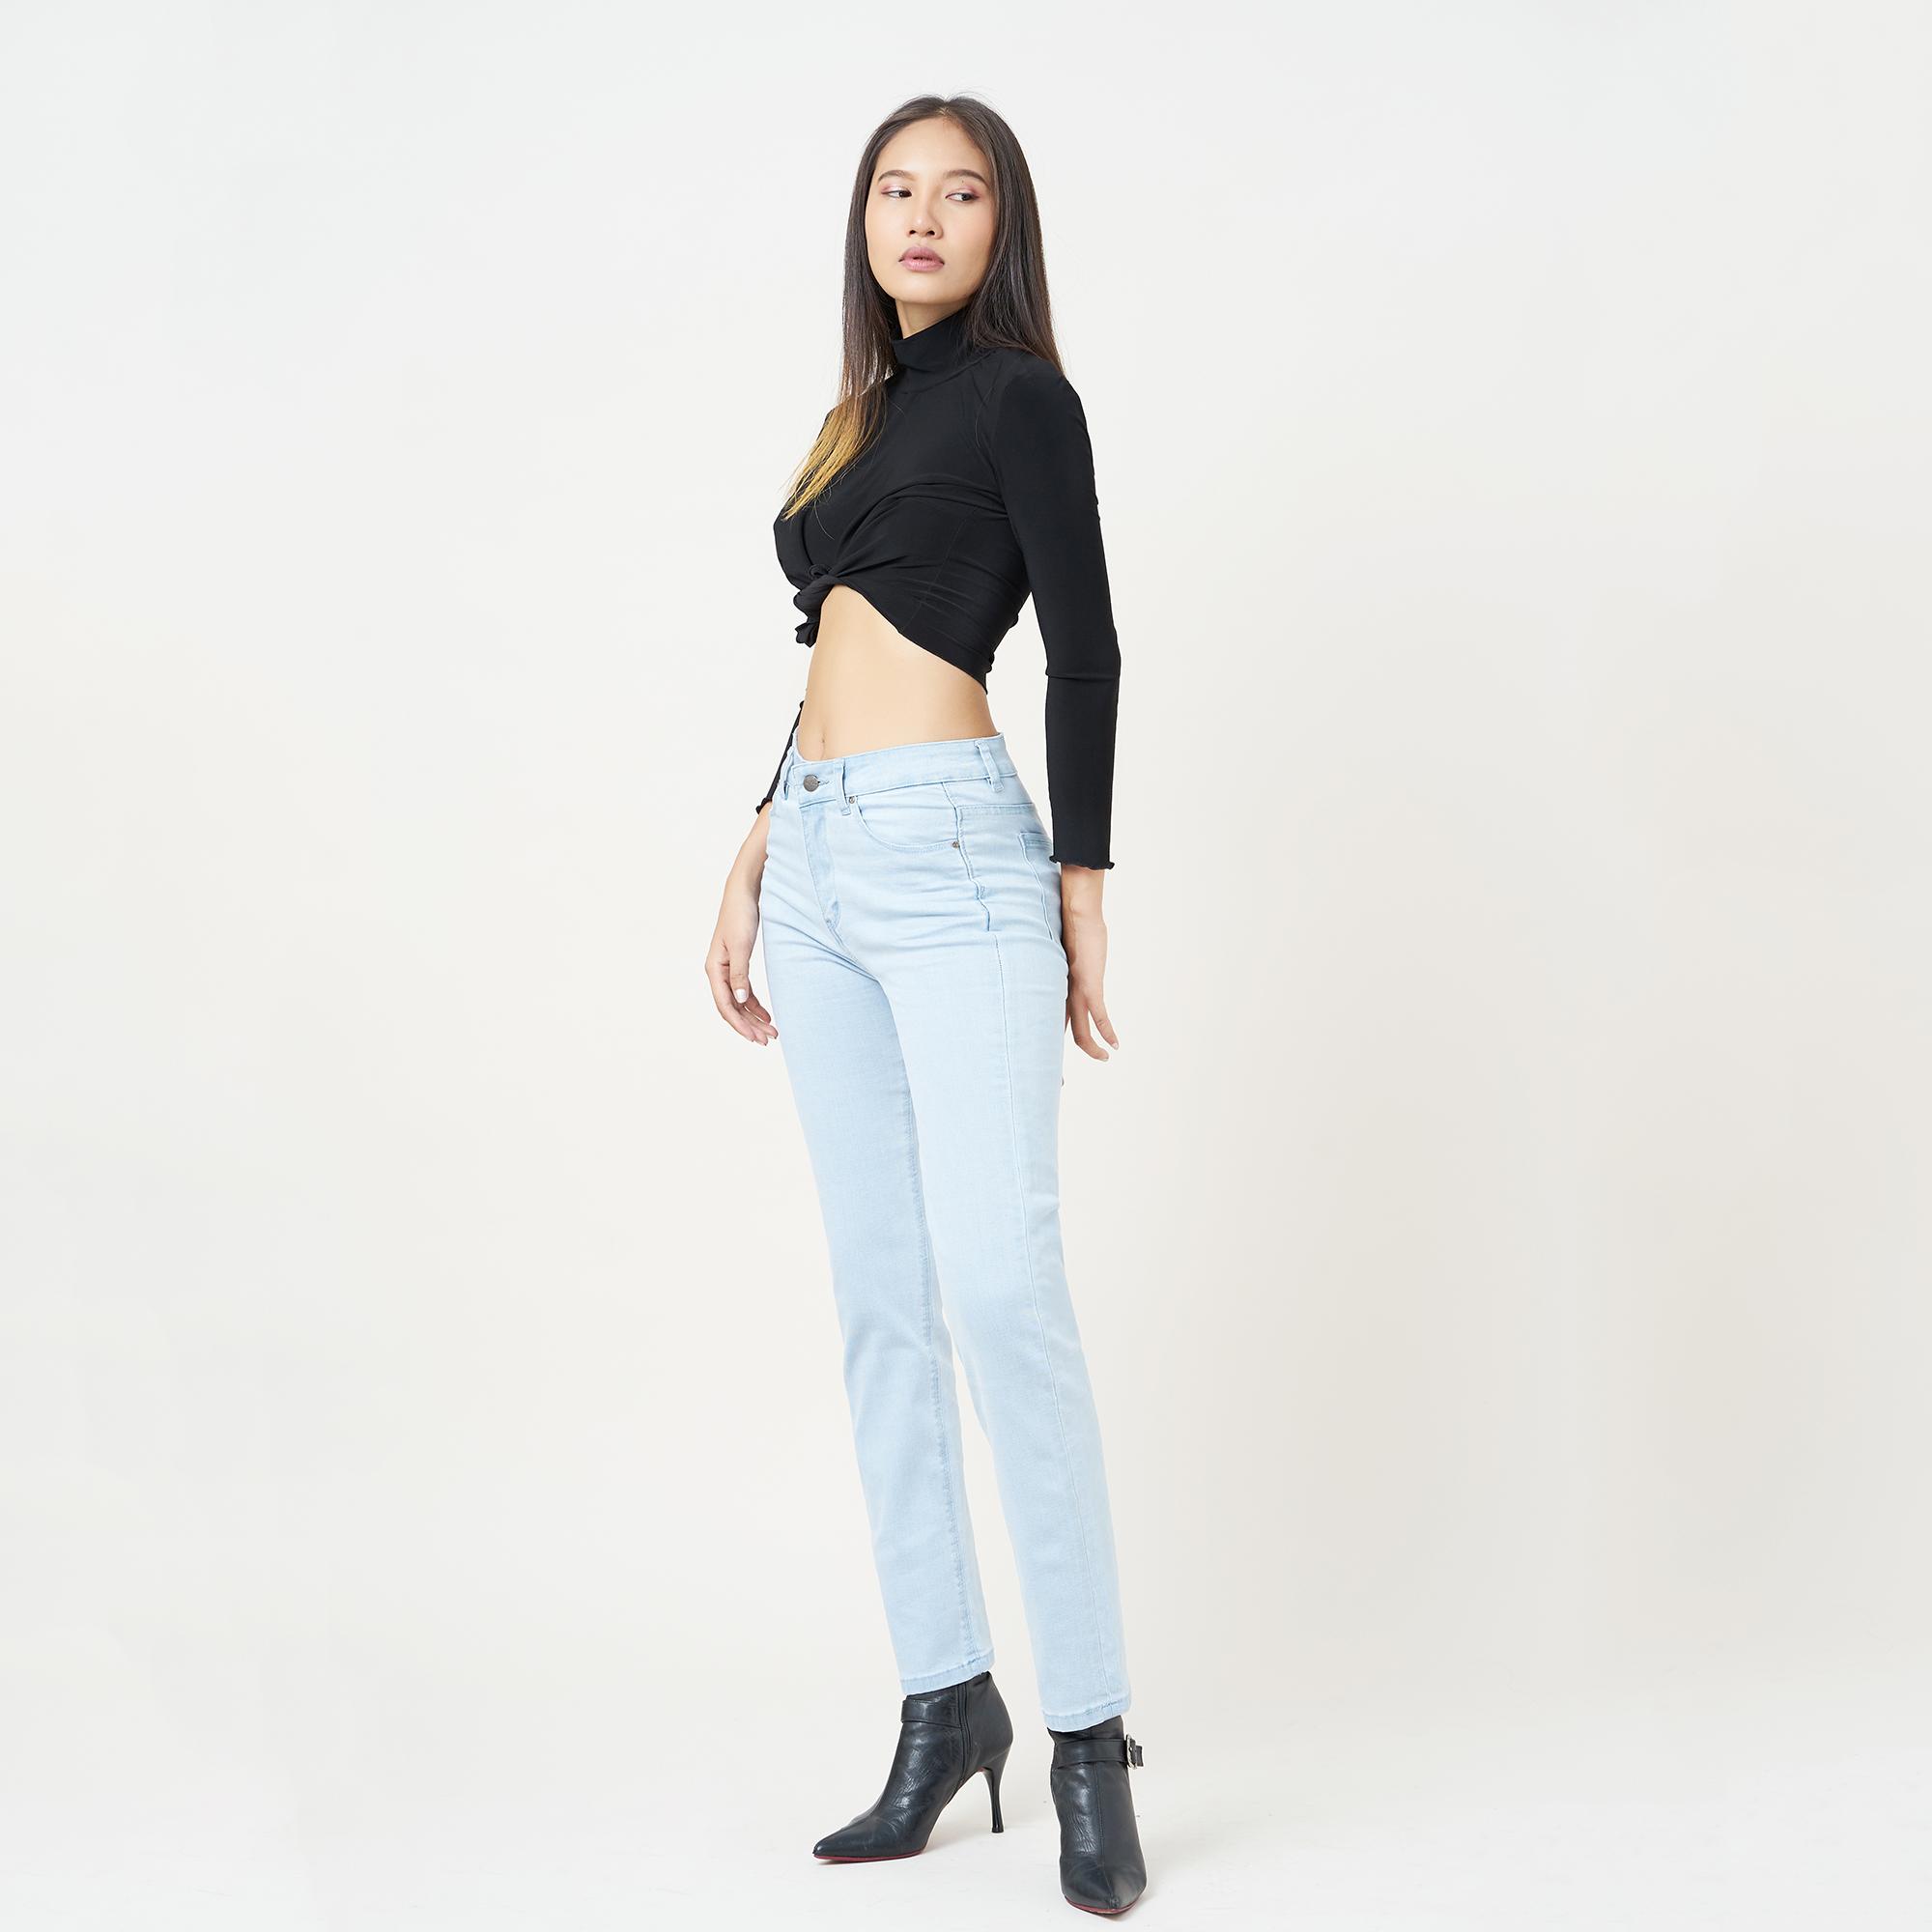 Quần Jean Nữ Ống Đứng Lưng Cao Aaa Jeans Có Nhiều Màu Size 26 - 32 8